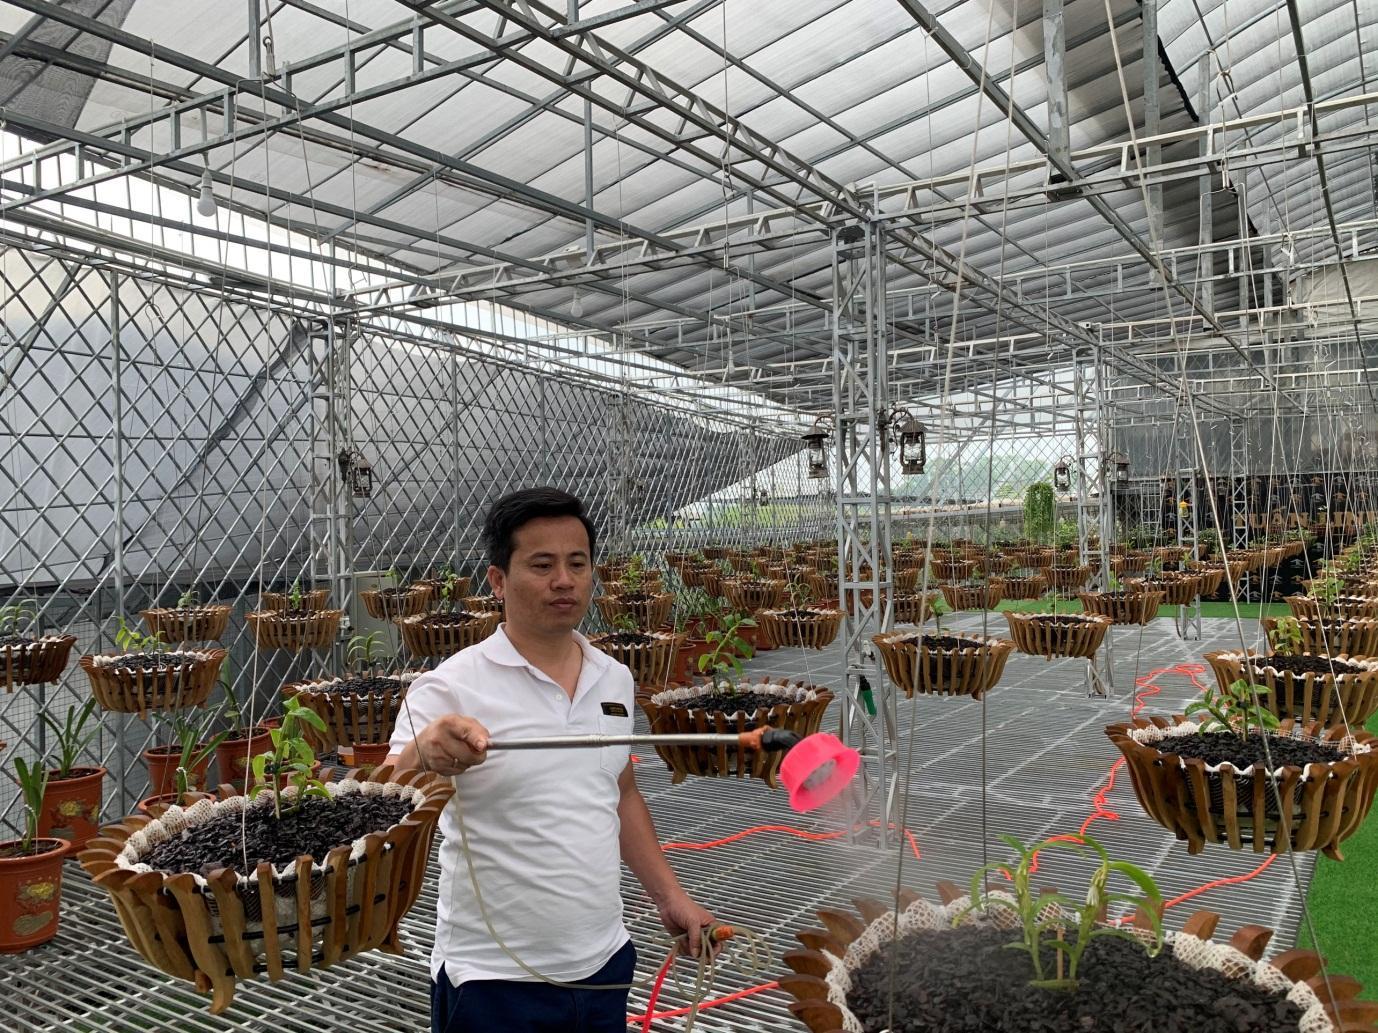 Bí quyết thành công của ông chủ vườn lan Tuan Linh - Ảnh 2